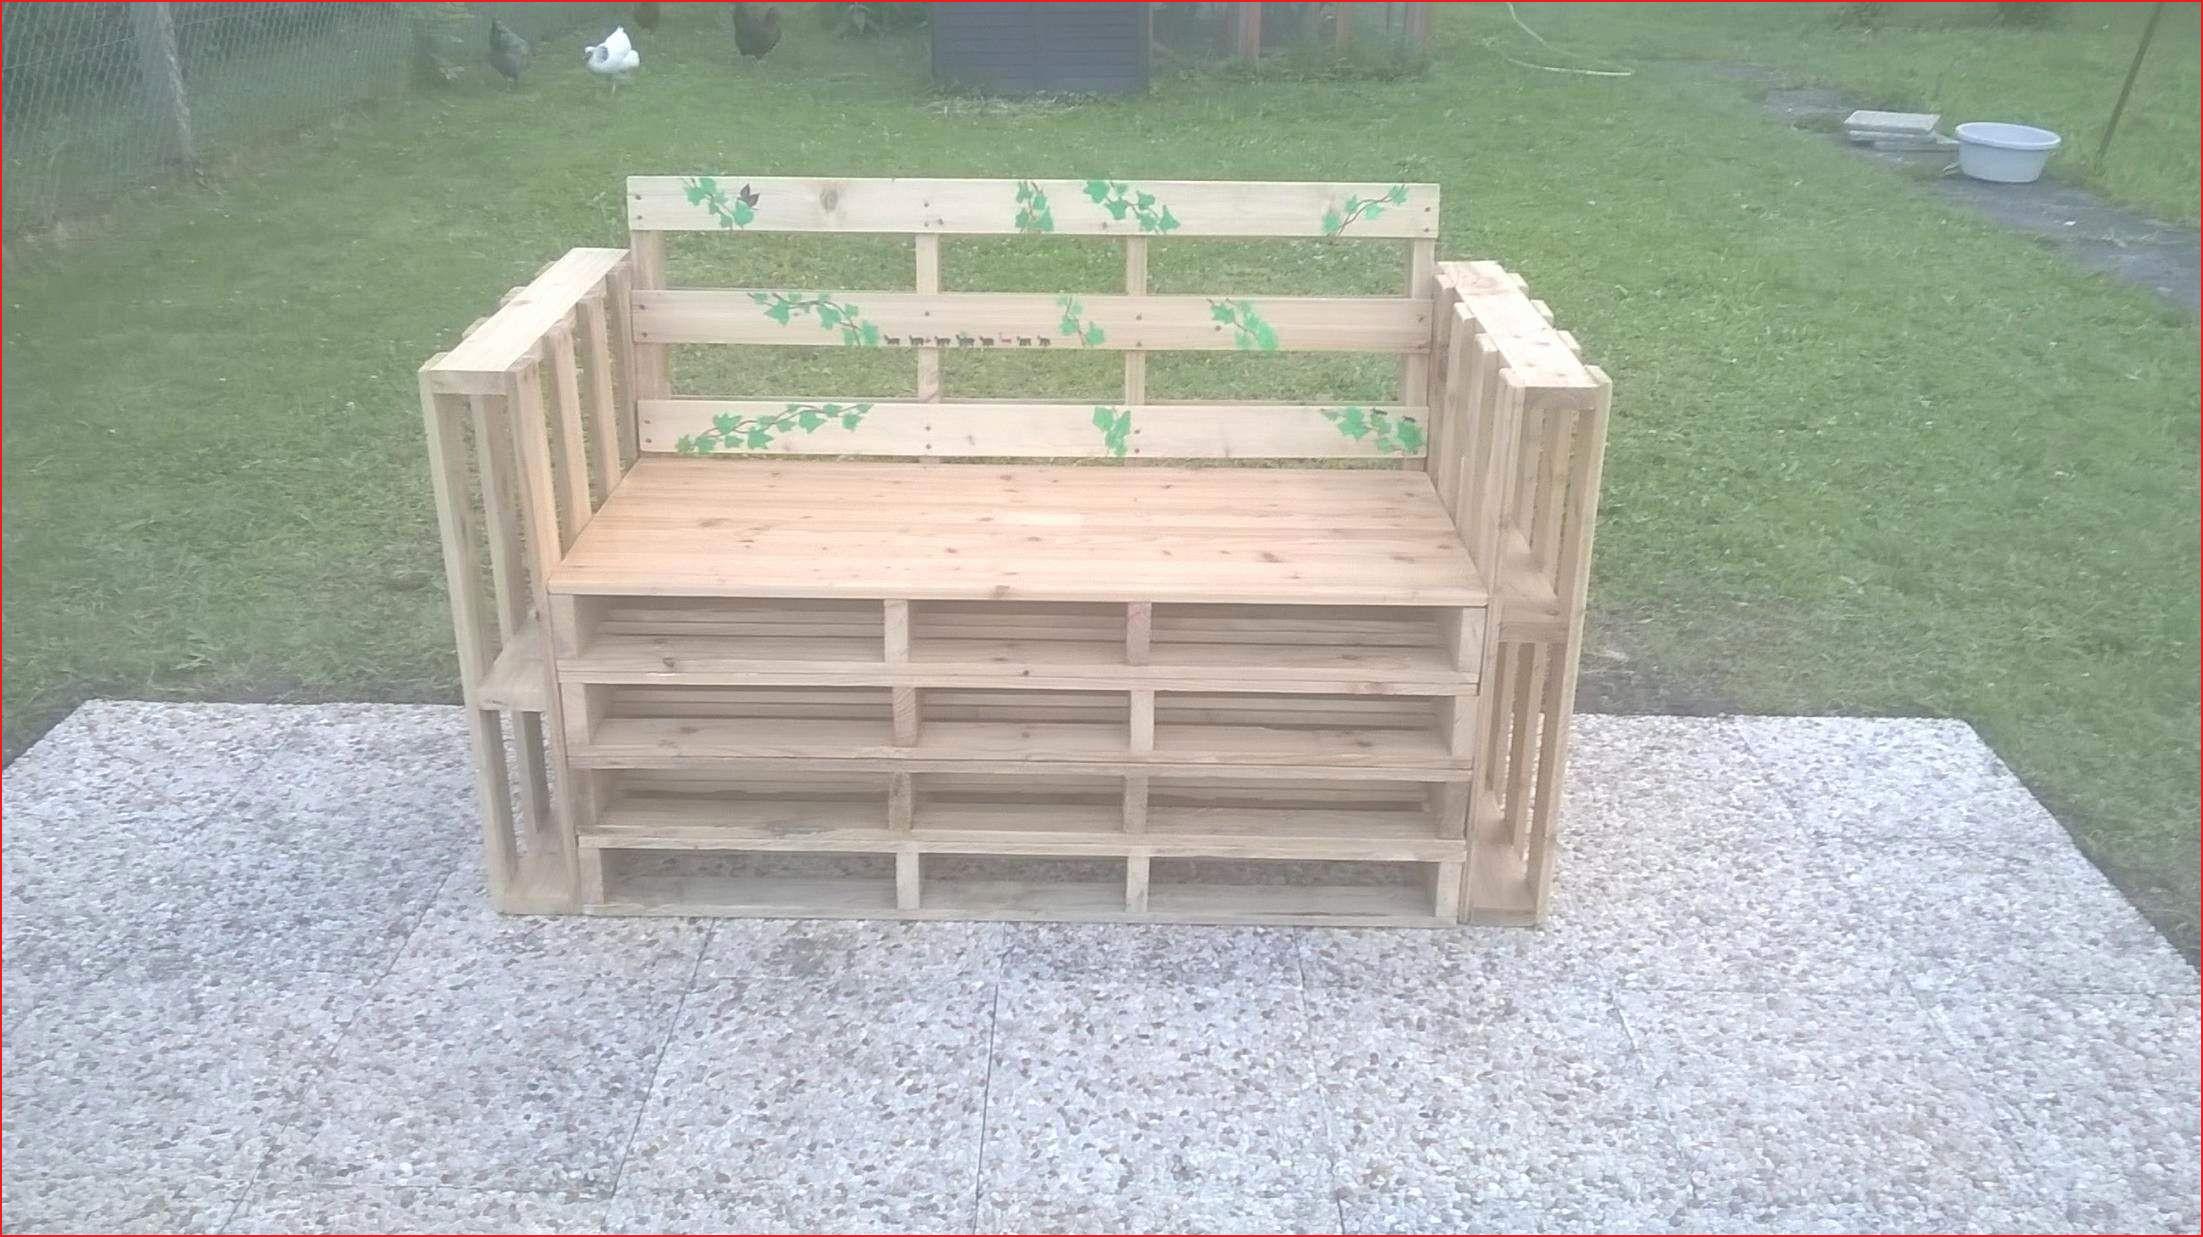 Table Avec Banc Exterieur Unique Innovante Banc Pour Jardin Image De Jardin Décoratif Of 29 Inspirant Table Avec Banc Exterieur